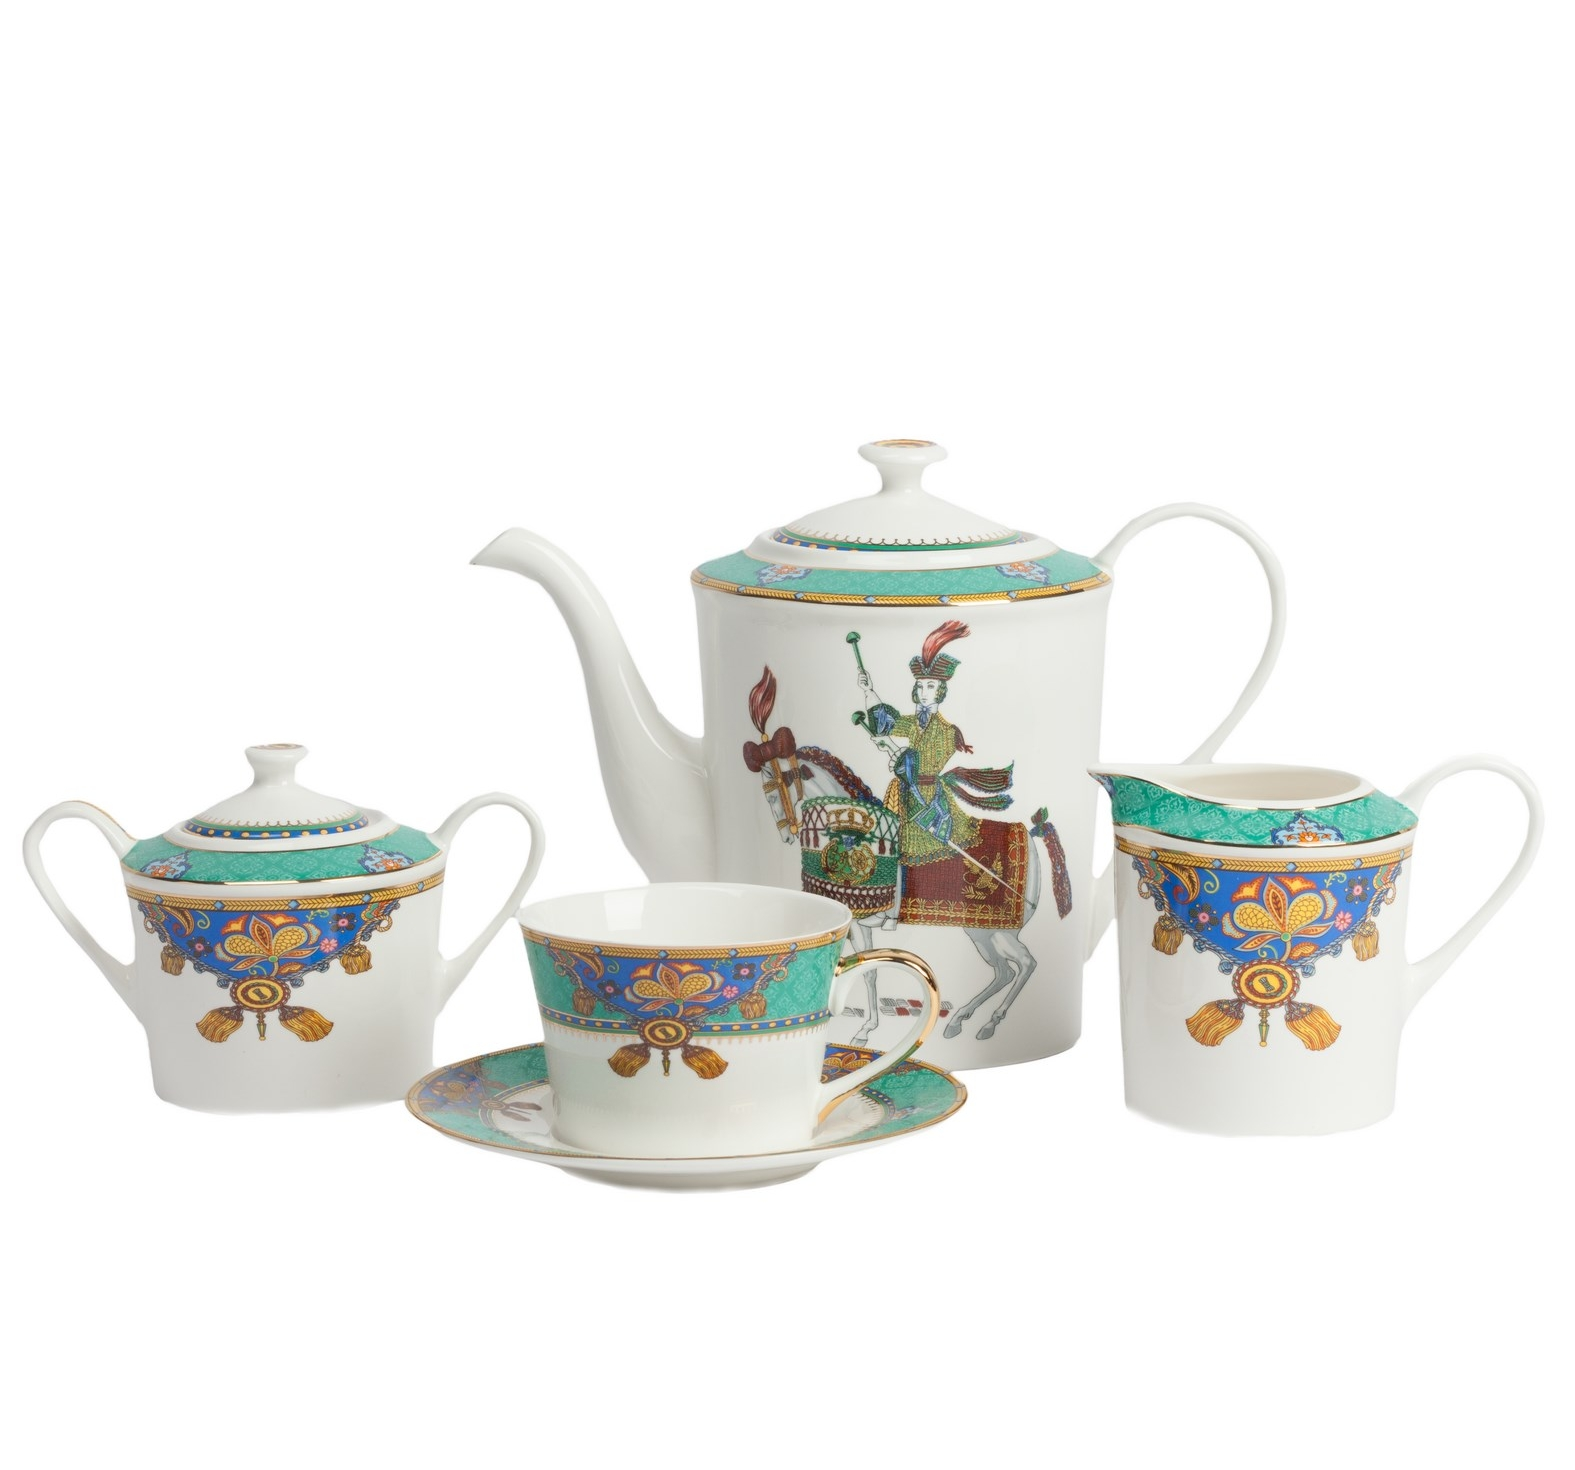 Чайный сервиз JineteЧайные сервизы<br>&amp;lt;div&amp;gt;Красивый сервиз Jinete из фарфора, в котором есть вся необходимая посуда для приятного и эстетичного чаепития. Сервиз сделан из фарфора, поэтому он смотрится благородно и надолго сохраняет первоначальный внешний вид. Чашка, сахарница и молочник украшены узором из кистей, листьев и вензелей в ярких цветах: бирюзовый, синий, желтый, красный. На чайнике сбоку расположен крупный рисунок в виде наездника на коне. Сервиз на 4 персоны: 4 пары (чашка+блюдце), молочник, сахарница, кофейник (чайник).&amp;amp;nbsp;&amp;lt;/div&amp;gt;&amp;lt;div&amp;gt;&amp;lt;br&amp;gt;&amp;lt;/div&amp;gt;&amp;lt;div&amp;gt;Размеры:&amp;amp;nbsp;&amp;lt;/div&amp;gt;&amp;lt;div&amp;gt;чайник - диаметр дна 11 см, диаметр самое широкое место 13 см, высота с крышкой 18 см, ширина с носиком и ручкой 25 см,&amp;amp;nbsp;&amp;lt;/div&amp;gt;&amp;lt;div&amp;gt;молочник - диаметр дна 7,5 см, диаметр самое широкое место 8,5 см, высота 9 см,&amp;amp;nbsp;&amp;lt;/div&amp;gt;&amp;lt;div&amp;gt;сахарница - диаметр дна 8 см, диаметр самое широкое место 10 см, высота с крышкой 10 см, ширина с ручкой 15,5 см,&amp;amp;nbsp;&amp;lt;/div&amp;gt;&amp;lt;div&amp;gt;чашка - диаметр дна 6,5 см, диаметр чашки 9 см, высота 6,5 см,&amp;amp;nbsp;&amp;lt;/div&amp;gt;&amp;lt;div&amp;gt;блюдце - диаметр 15 см.&amp;lt;/div&amp;gt;<br><br>Material: Фарфор<br>Width см: 33<br>Depth см: 18<br>Height см: 48